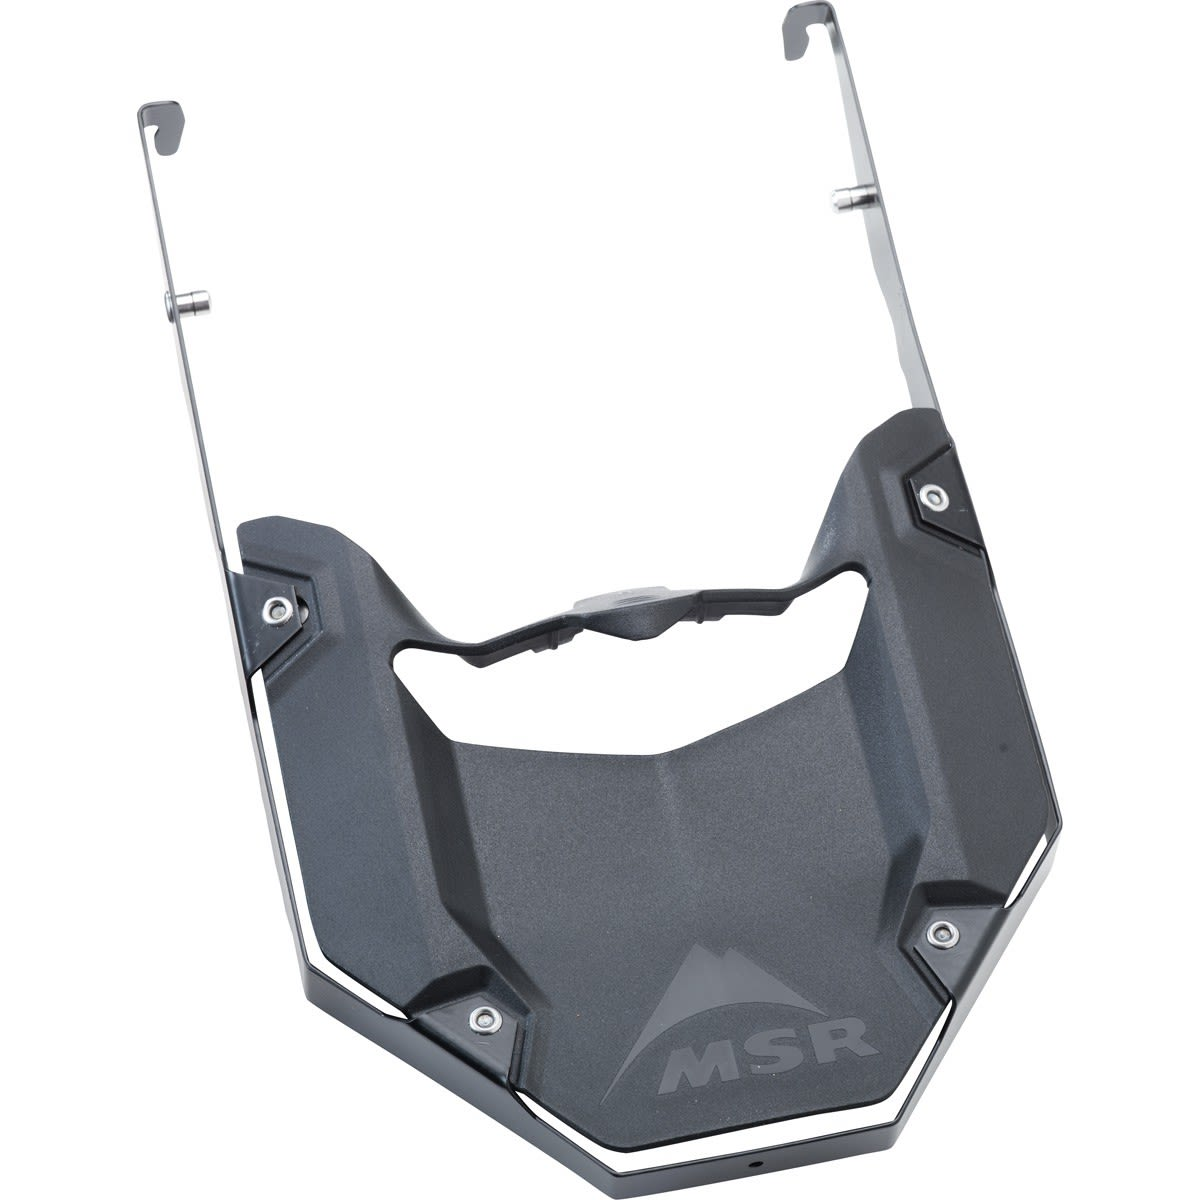 MSR Revo Tail | Größe One Size |  Aluminium-Schneeschuh